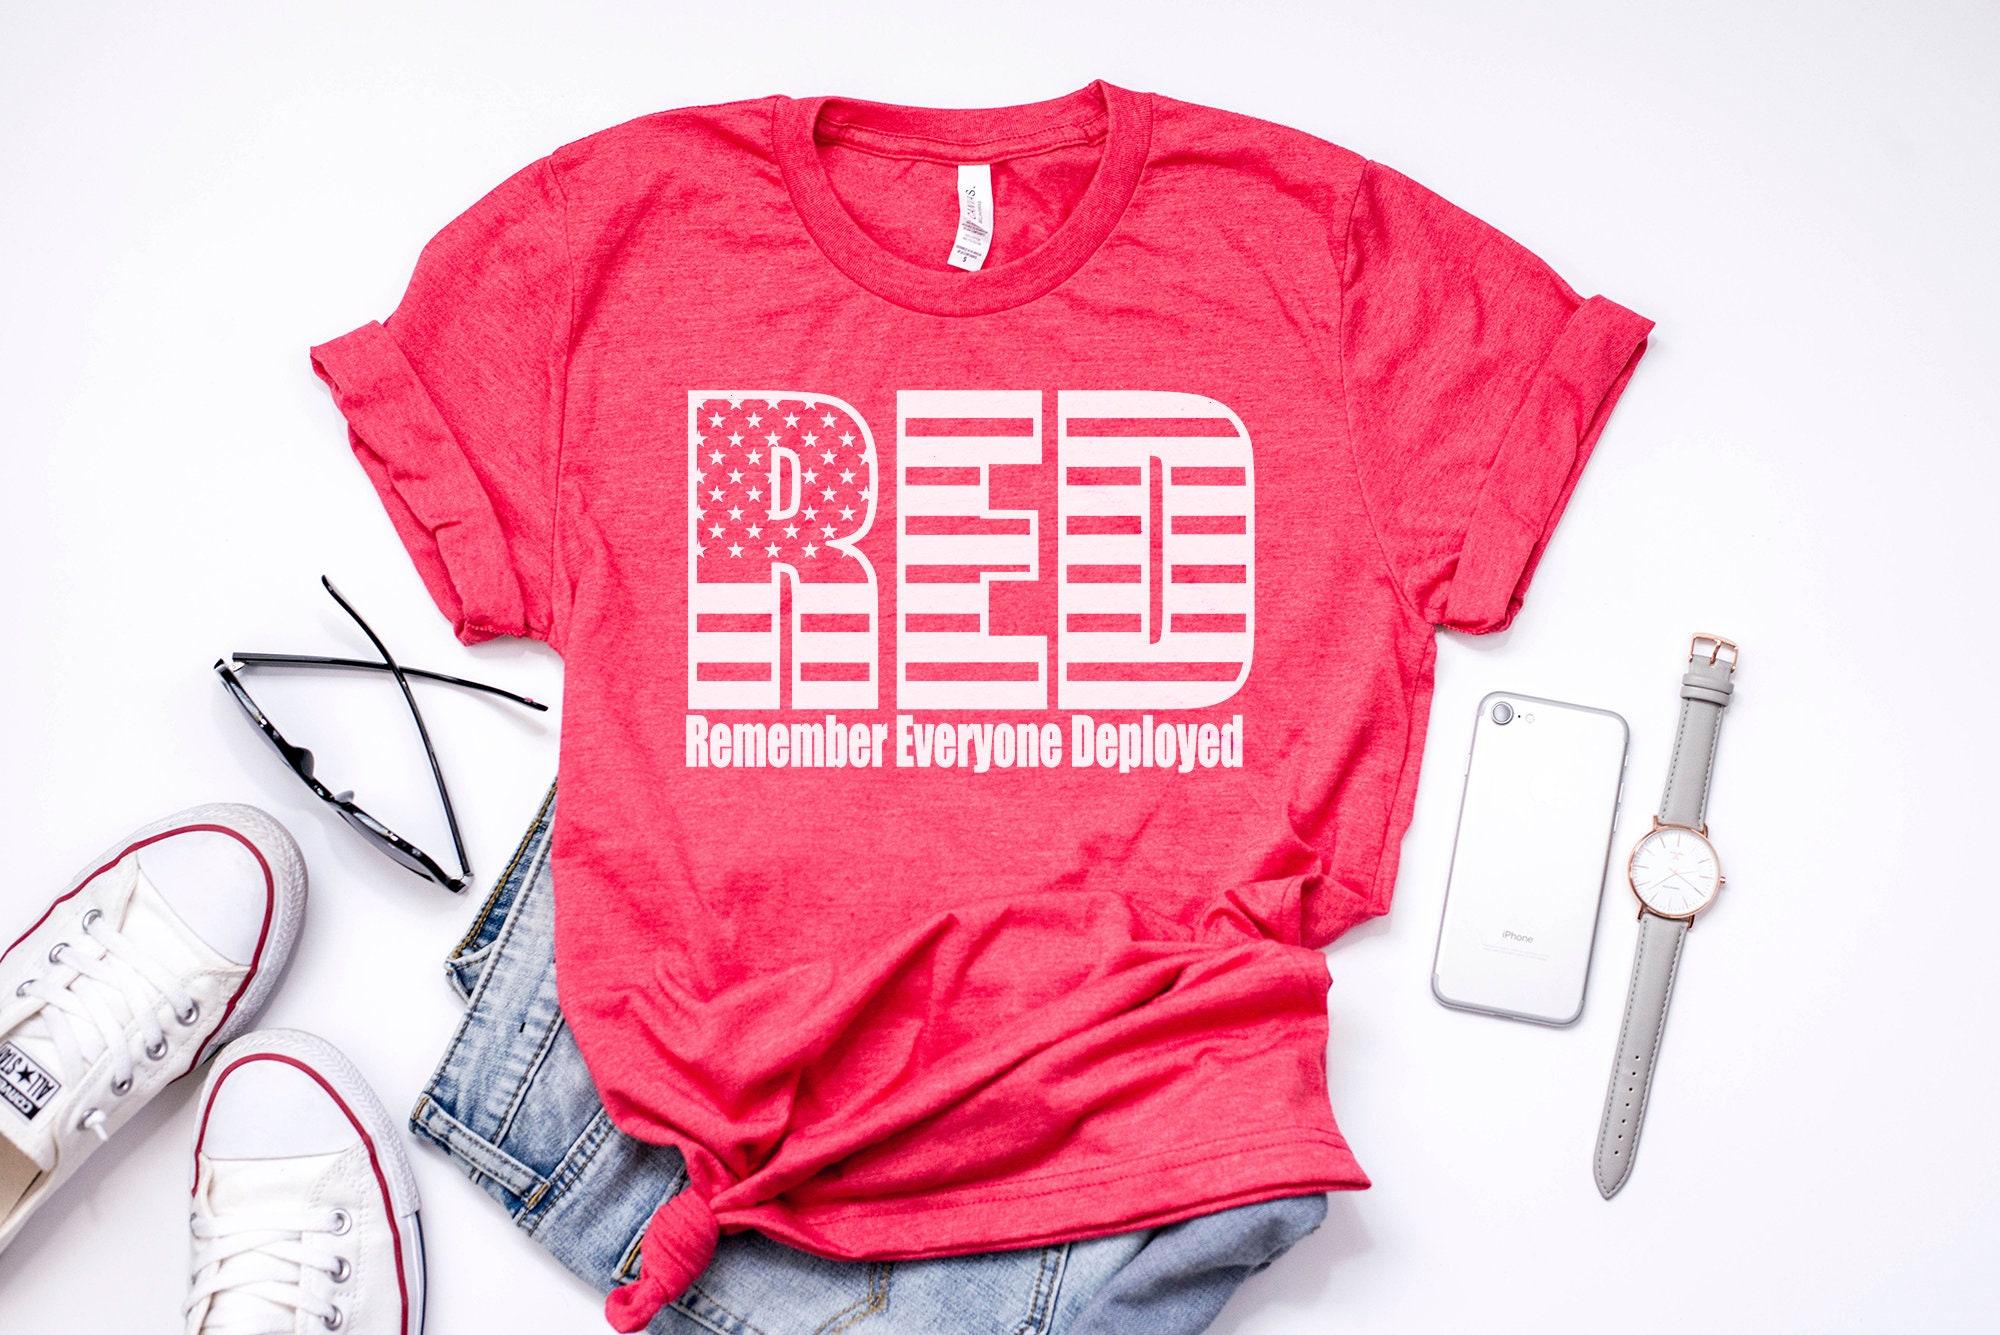 N'oubliez pas tout le monde déployant Tee, Tee rouge épouse vendredi, déploiement chemises, épouse rouge de militaire cadeaux, cadeaux pour femmes, cadeaux pour les hommes, déploiement Tee 8670c4